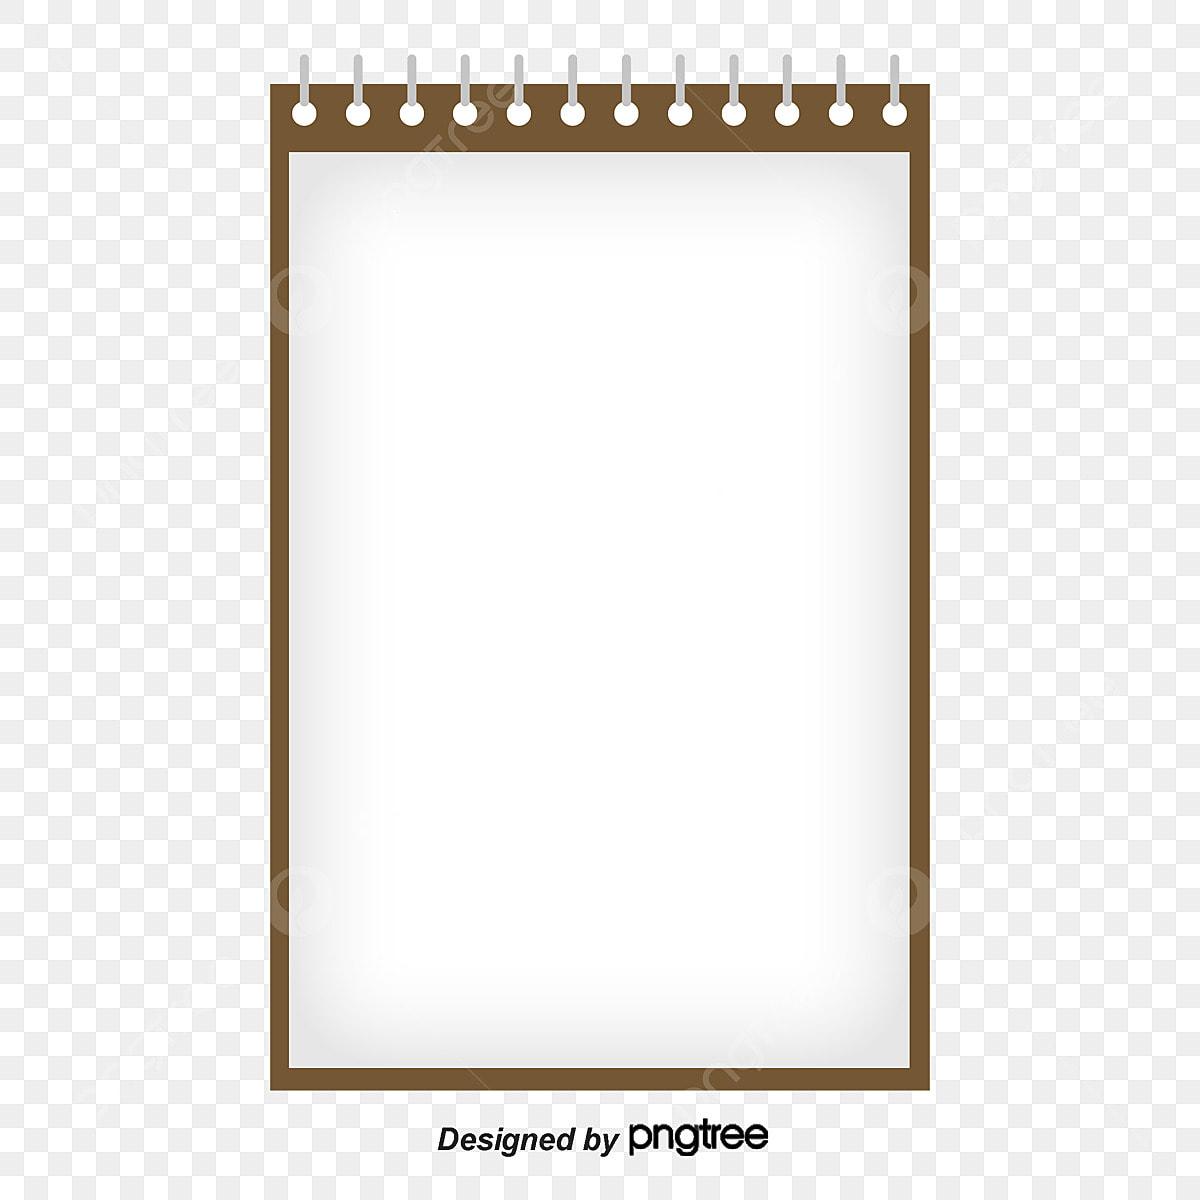 無料ダウンロードのためのノート手帳 ノート メモ帳 紙png画像素材